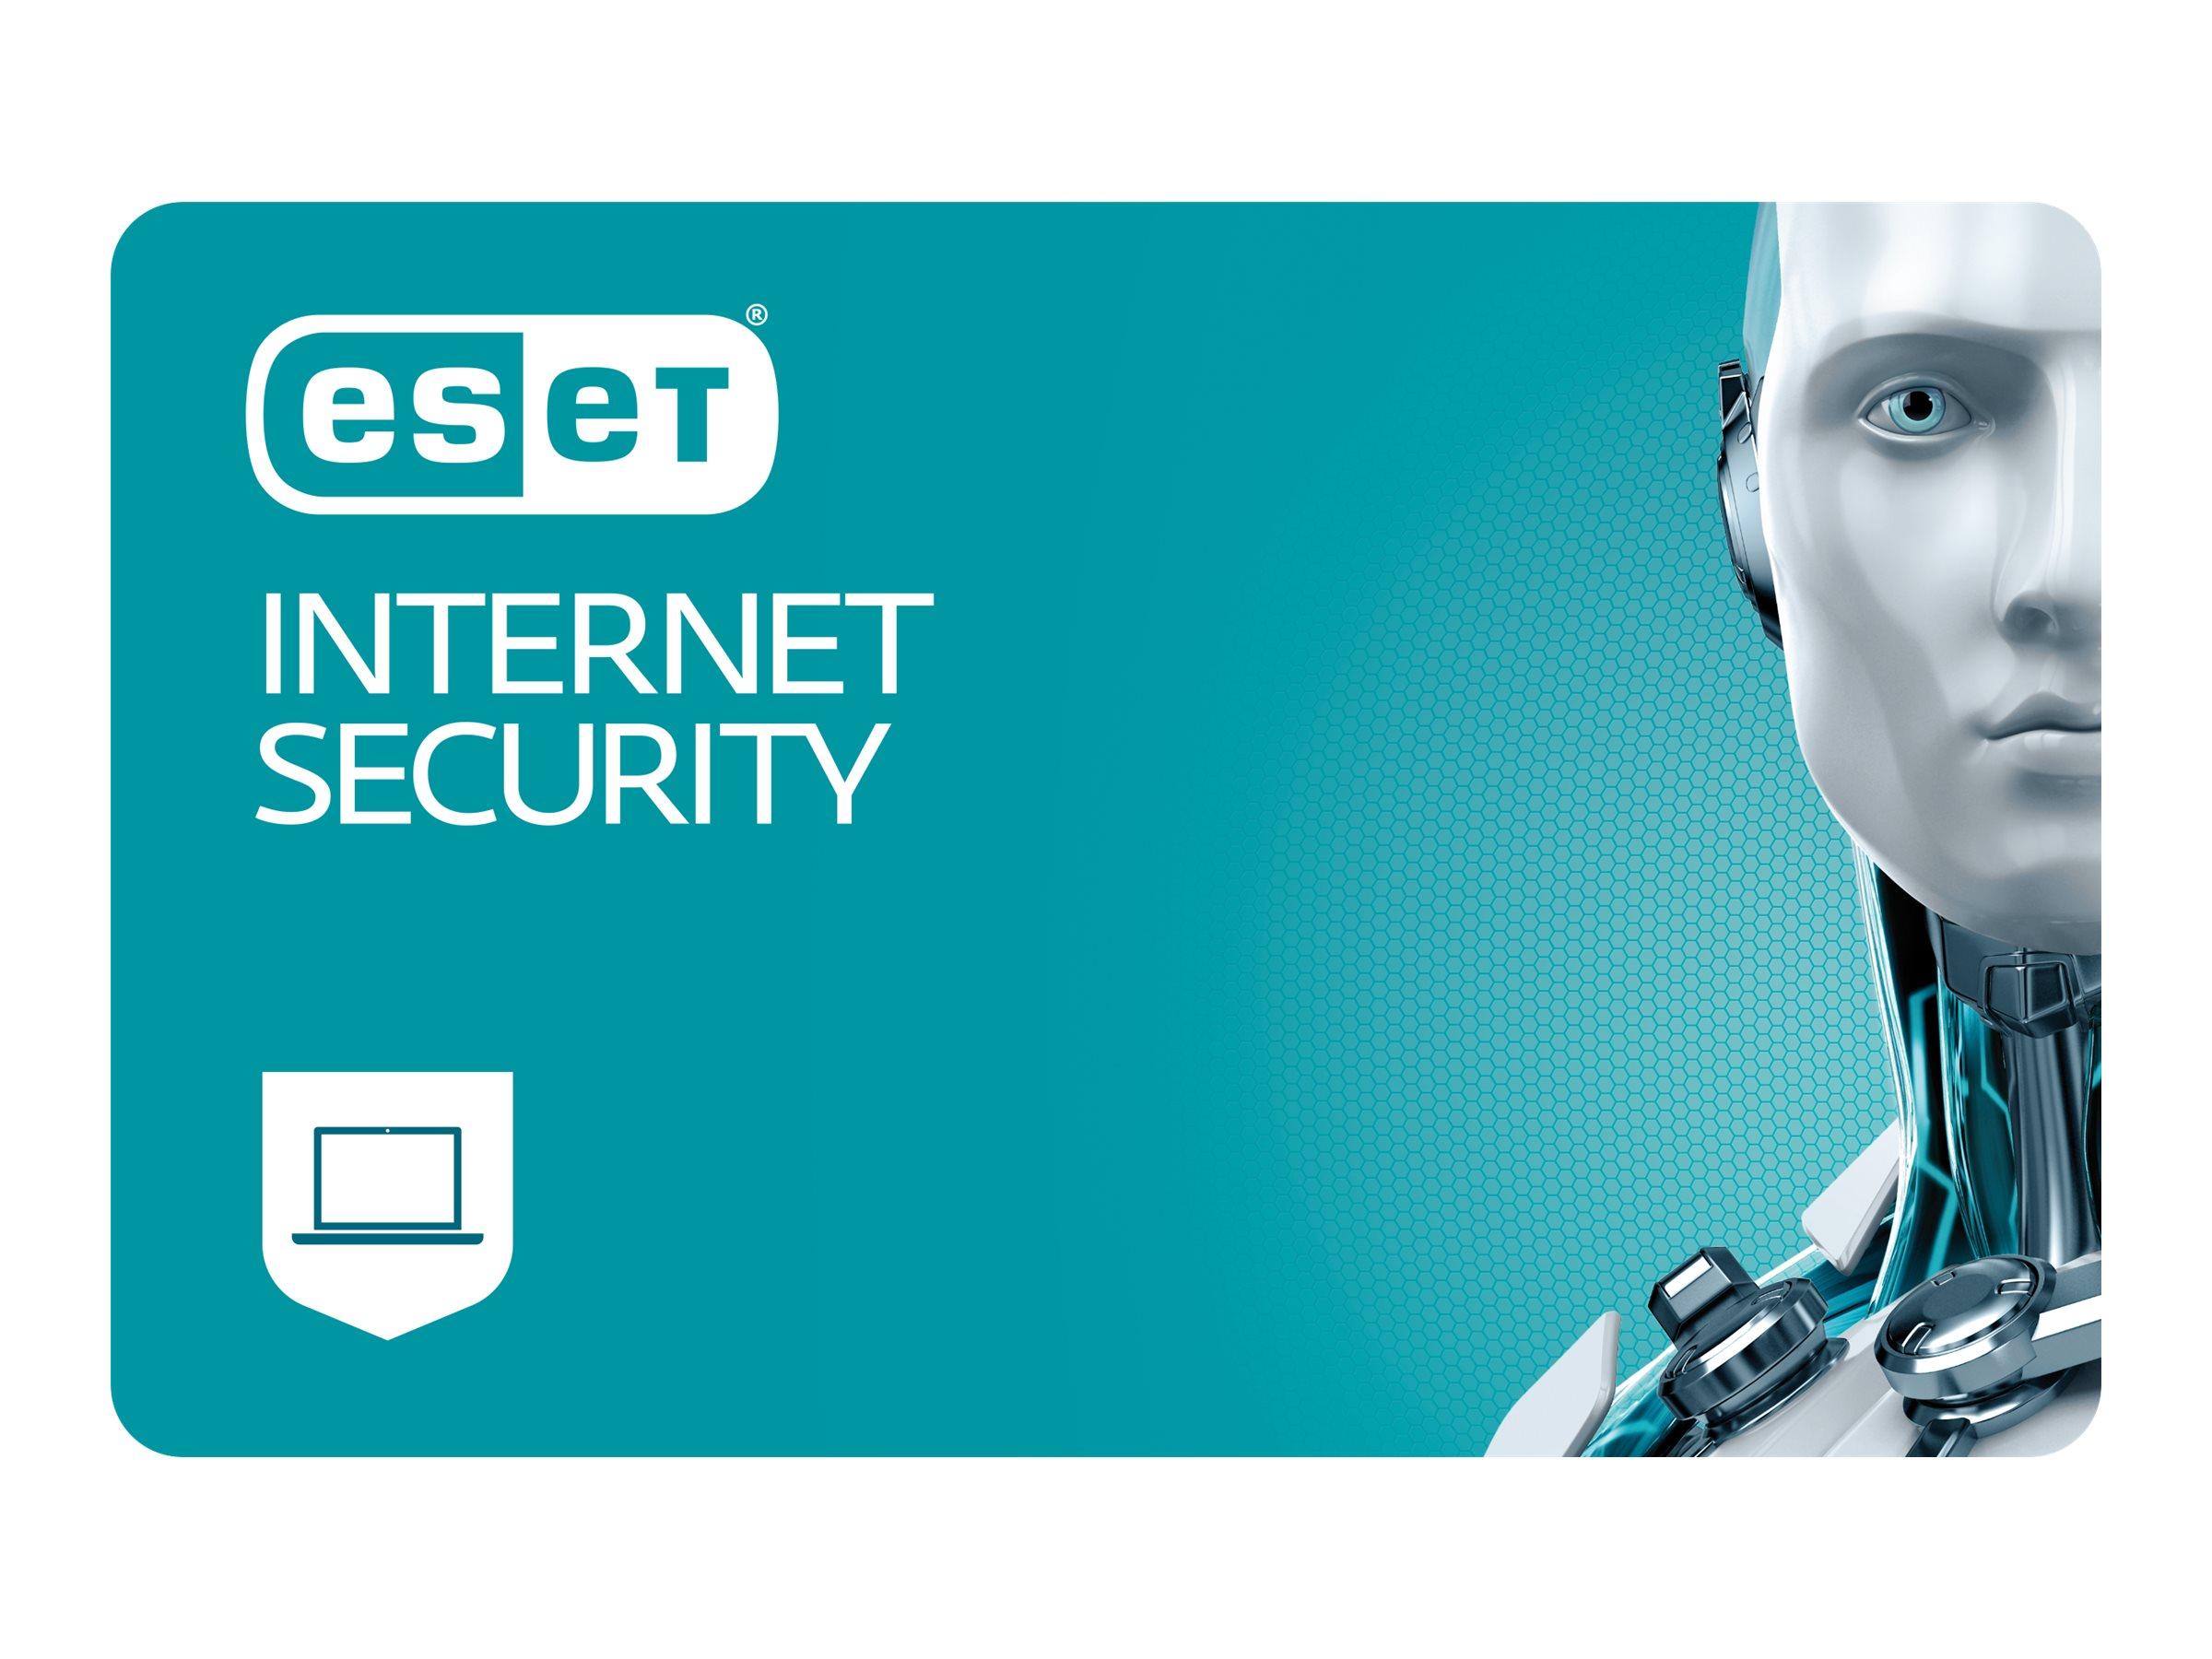 Vorschau: ESET Internet Security 2021 - Abonnement-Lizenz